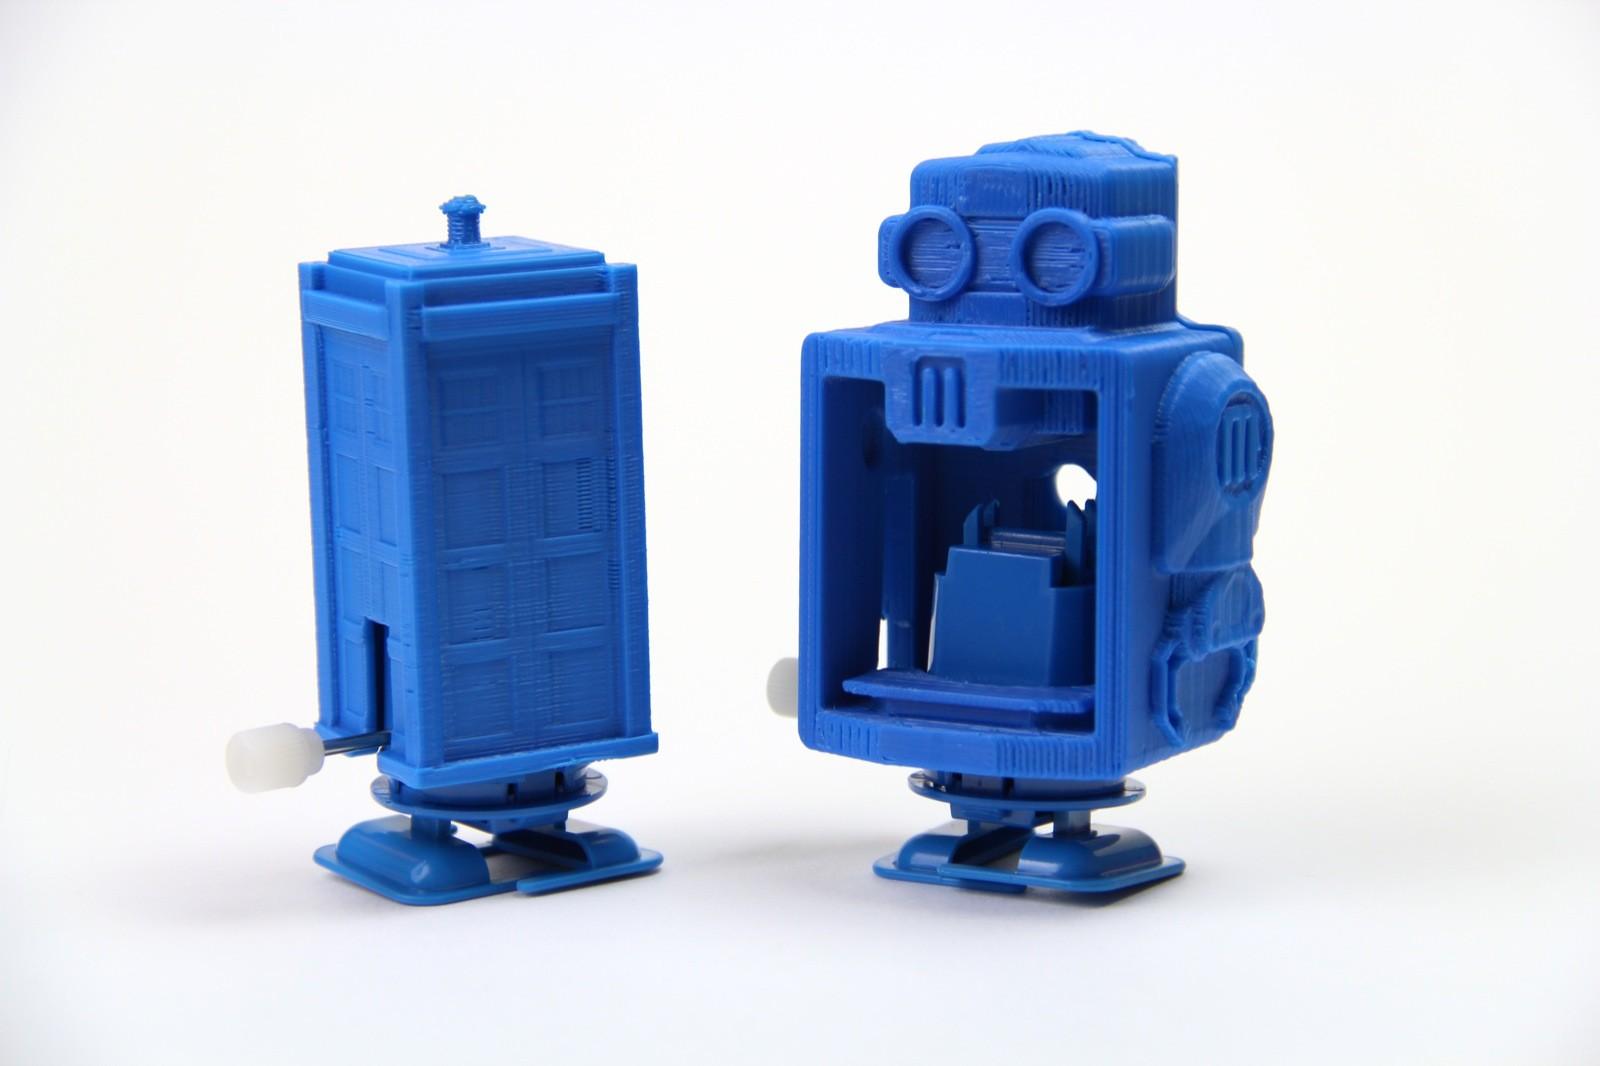 ミシガン工科大学の研究チームが、3Dプリンターが玩具業界の売上を年間6000万ドル奪う可能性を指摘